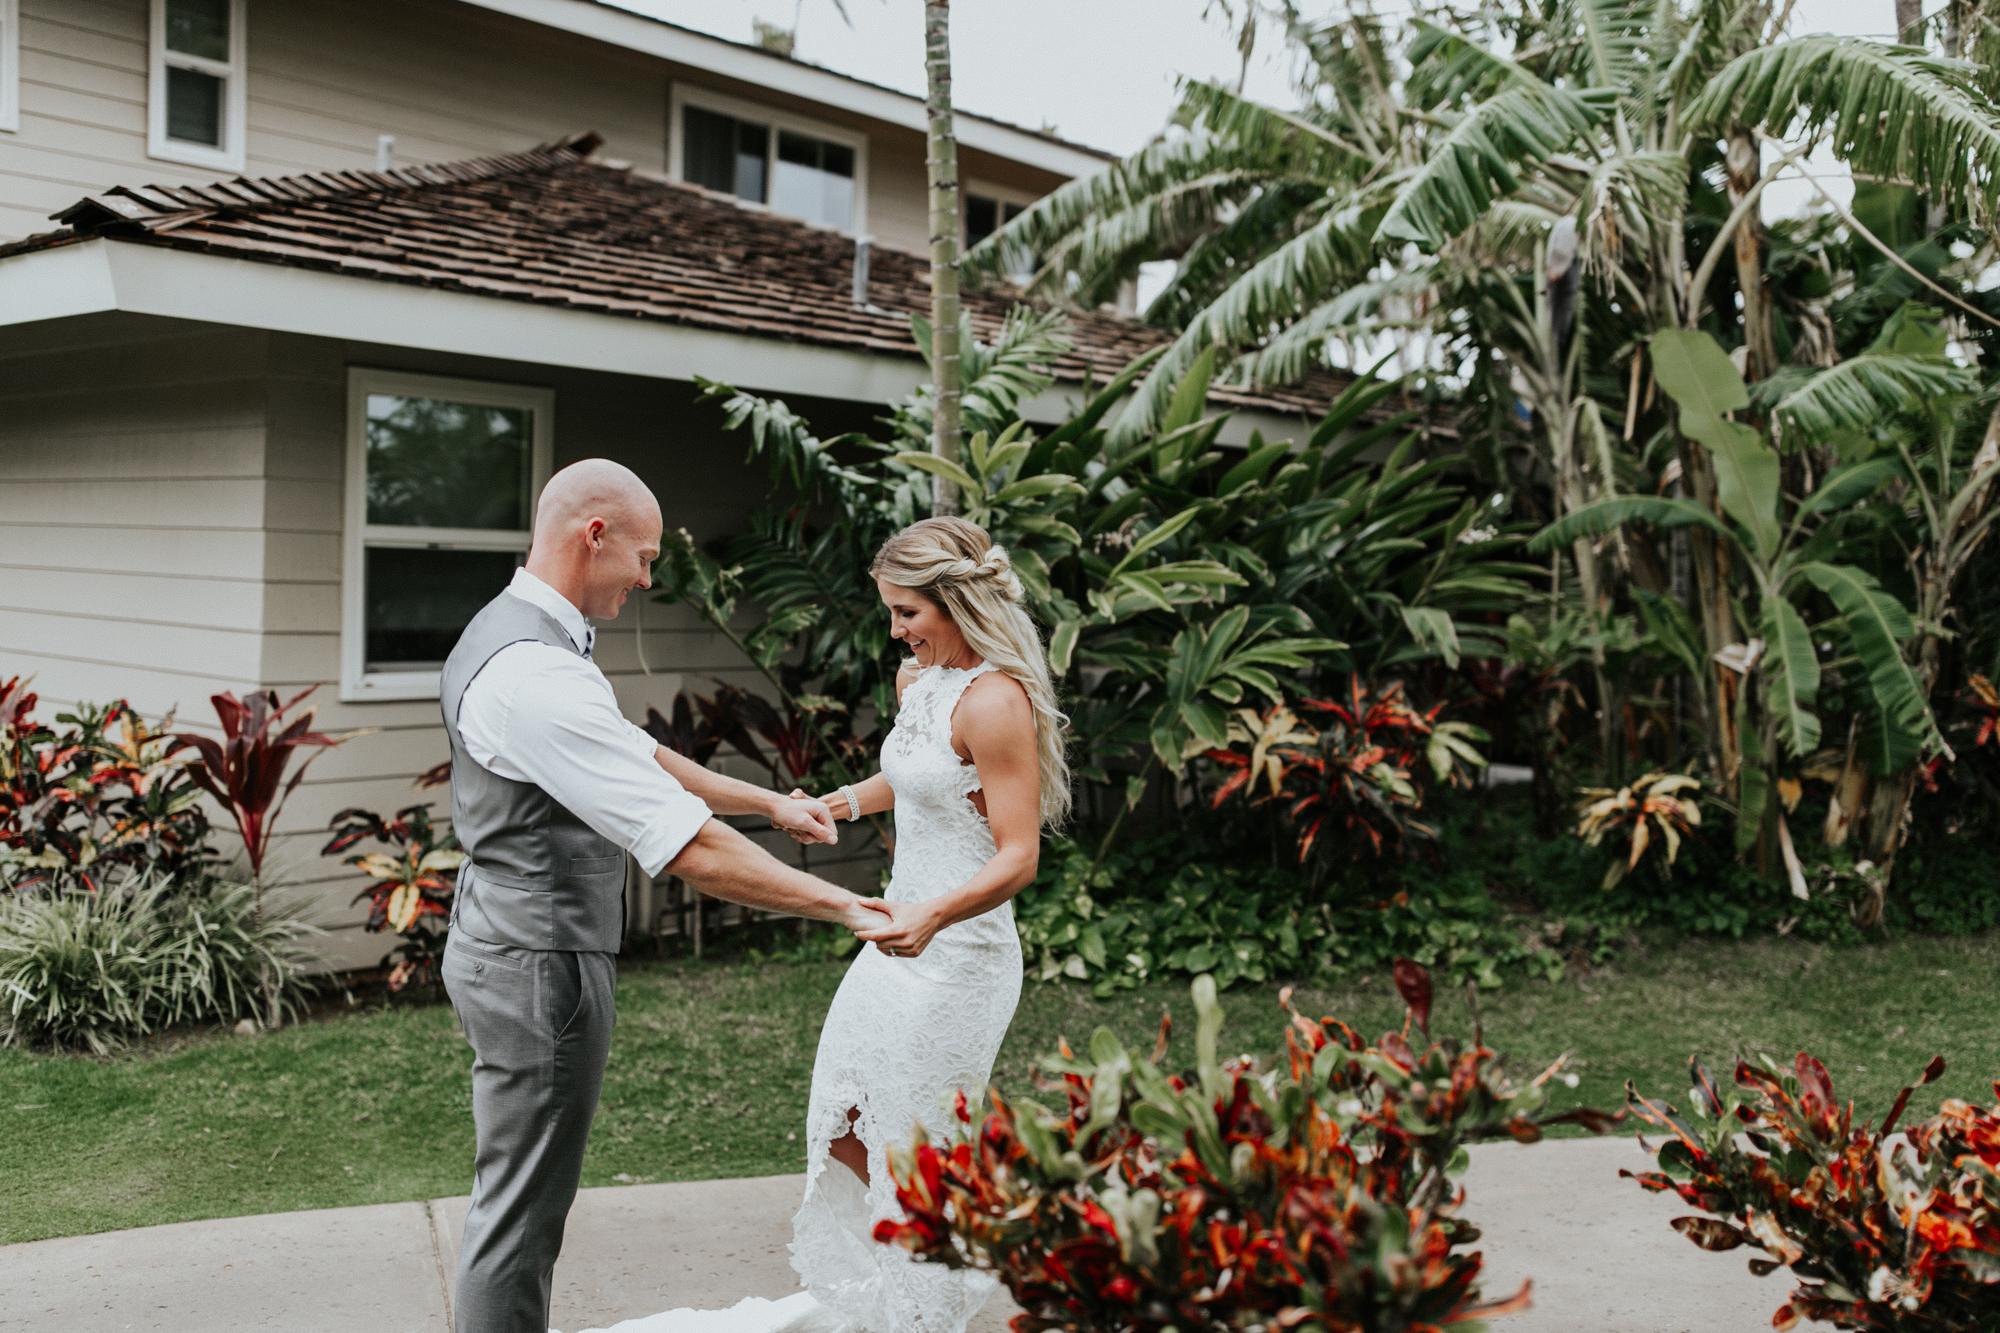 destination-wedding-photographer-hawaii-maui-elopement-36.jpg